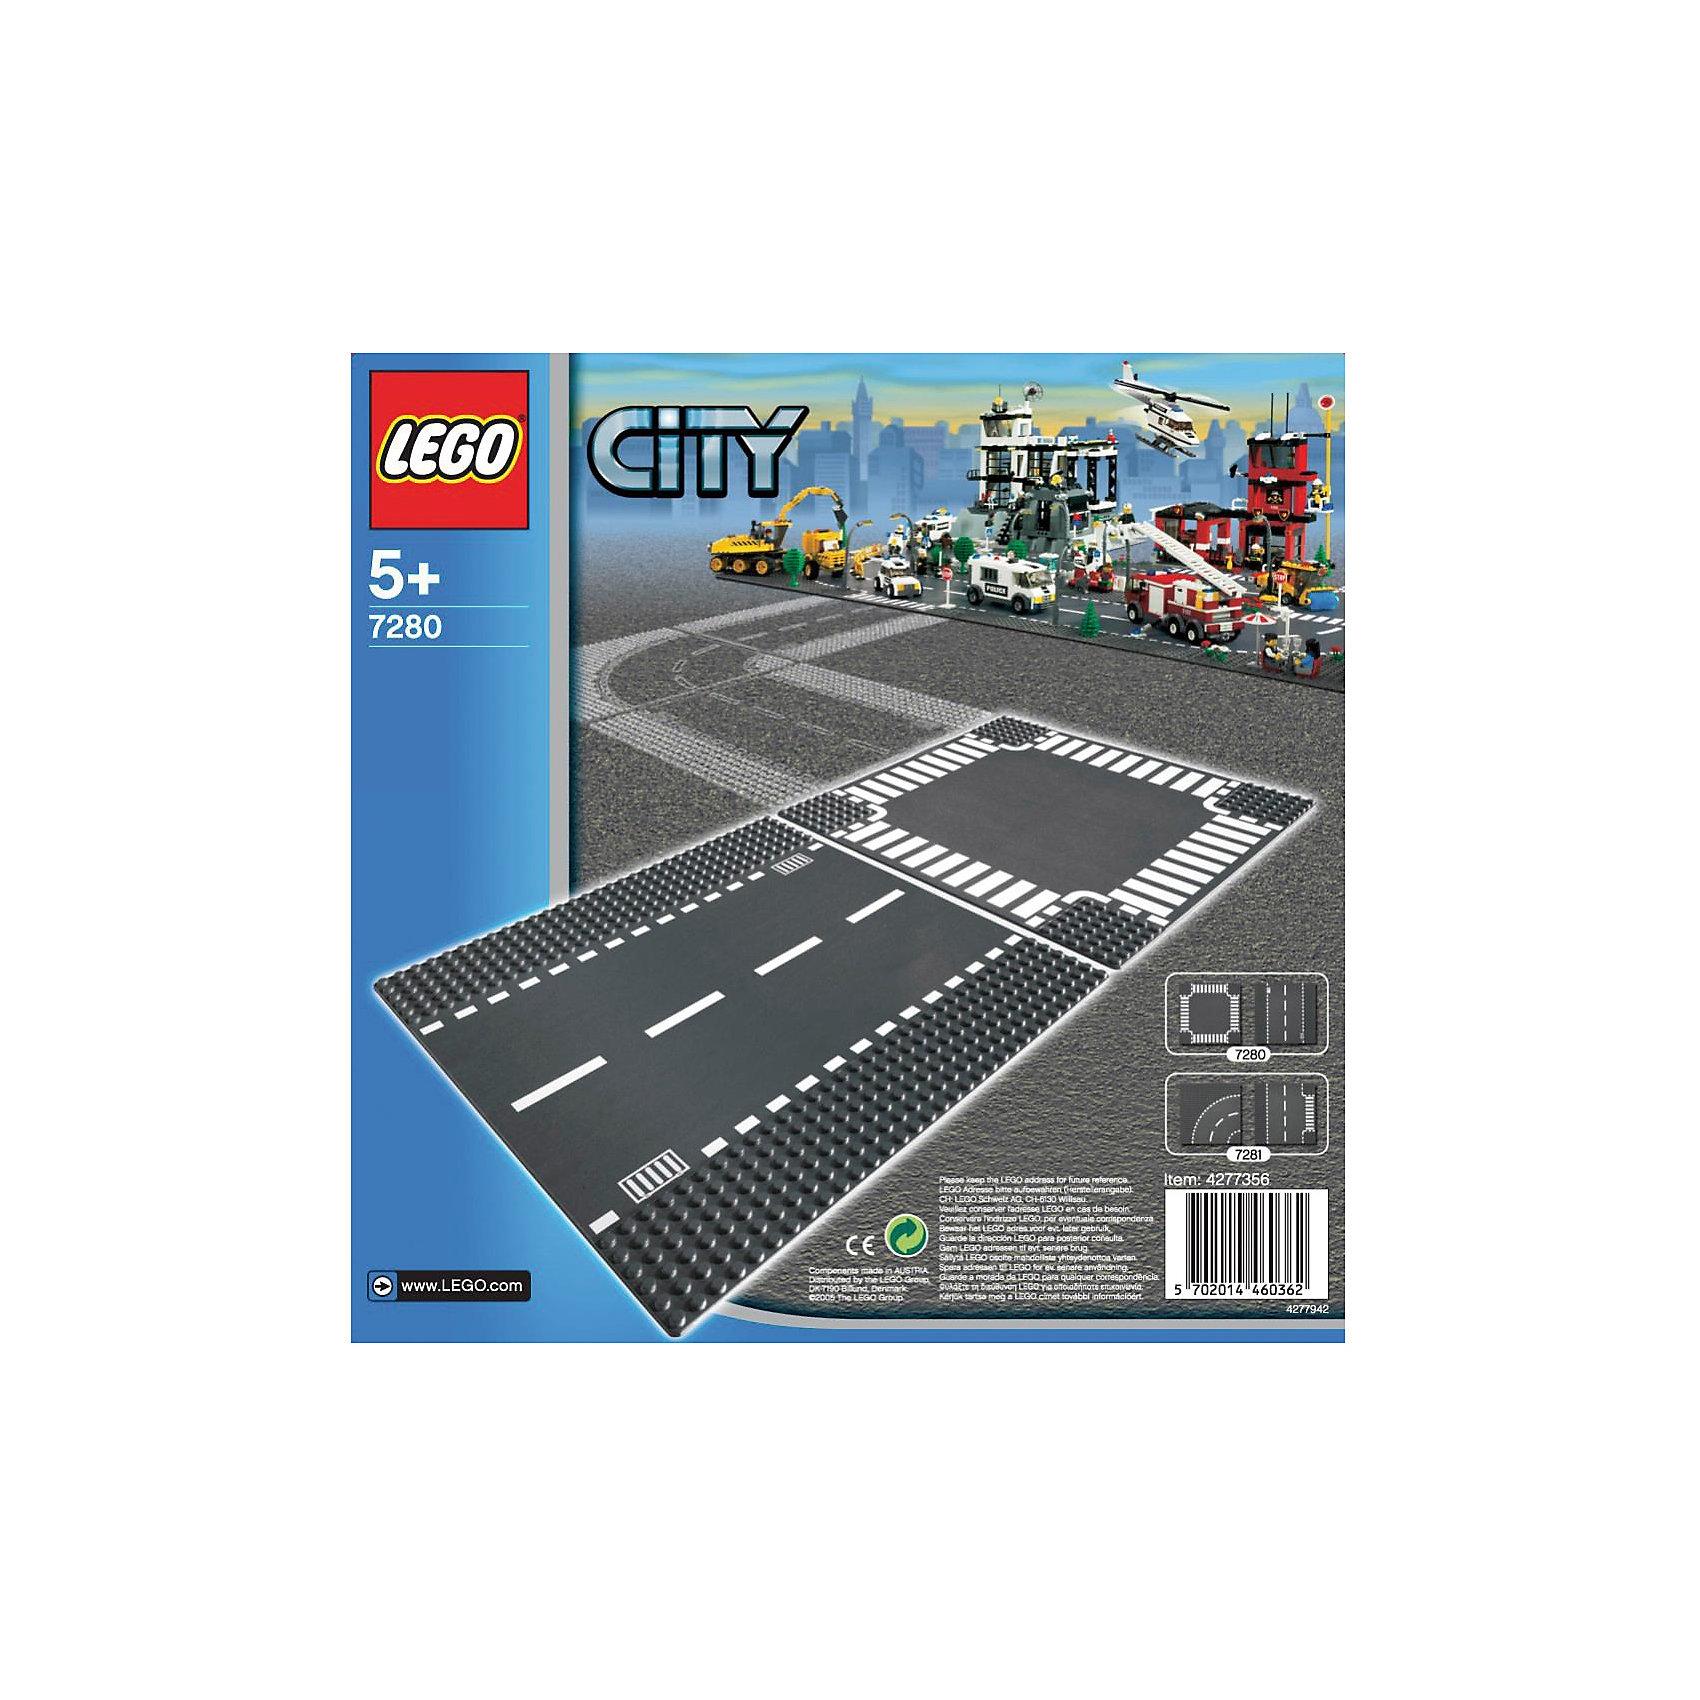 LEGO City  7280: Прямая дорога и перекрёстокПластмассовые конструкторы<br>LEGO City (ЛЕГО Сити) 7280: Прямая дорога и перекрёсток - увлекательный набор для конструирования, который порадует всех юных автолюбителей. В комплект входят две<br>пластины, изображающие участок прямой дороги и перекресток. Комбинируя данный набор с другими наборами ЛЕГО можно построить большую сложную трассу для своего<br>города, где будут и настоящее шоссе для автомобилей, и специальная секция с «зеброй» для пешеходов. Платформы также обладают специальным рельефом и обеспечивают<br>прочное сцепление с кубиками.<br><br>Дополнительная информация:<br><br>- Количество деталей: 2.<br>- Серия: ЛЕГО Сити.<br>- Материал: пластик.<br>- Размер упаковки: 25,6 х 7 х 25,6 см.<br>- Вес: 0,21 кг. <br><br>Игра с конструктором развивает мелкую моторику, фантазию и воображение ребенка, учит его усидчивости и внимательности.<br><br>LEGO City (ЛЕГО Сити) 7280: Прямая дорога и перекрёсток можно купить в нашем интернет-магазине.<br><br>Ширина мм: 264<br>Глубина мм: 261<br>Высота мм: 12<br>Вес г: 189<br>Возраст от месяцев: 60<br>Возраст до месяцев: 144<br>Пол: Мужской<br>Возраст: Детский<br>SKU: 1462463